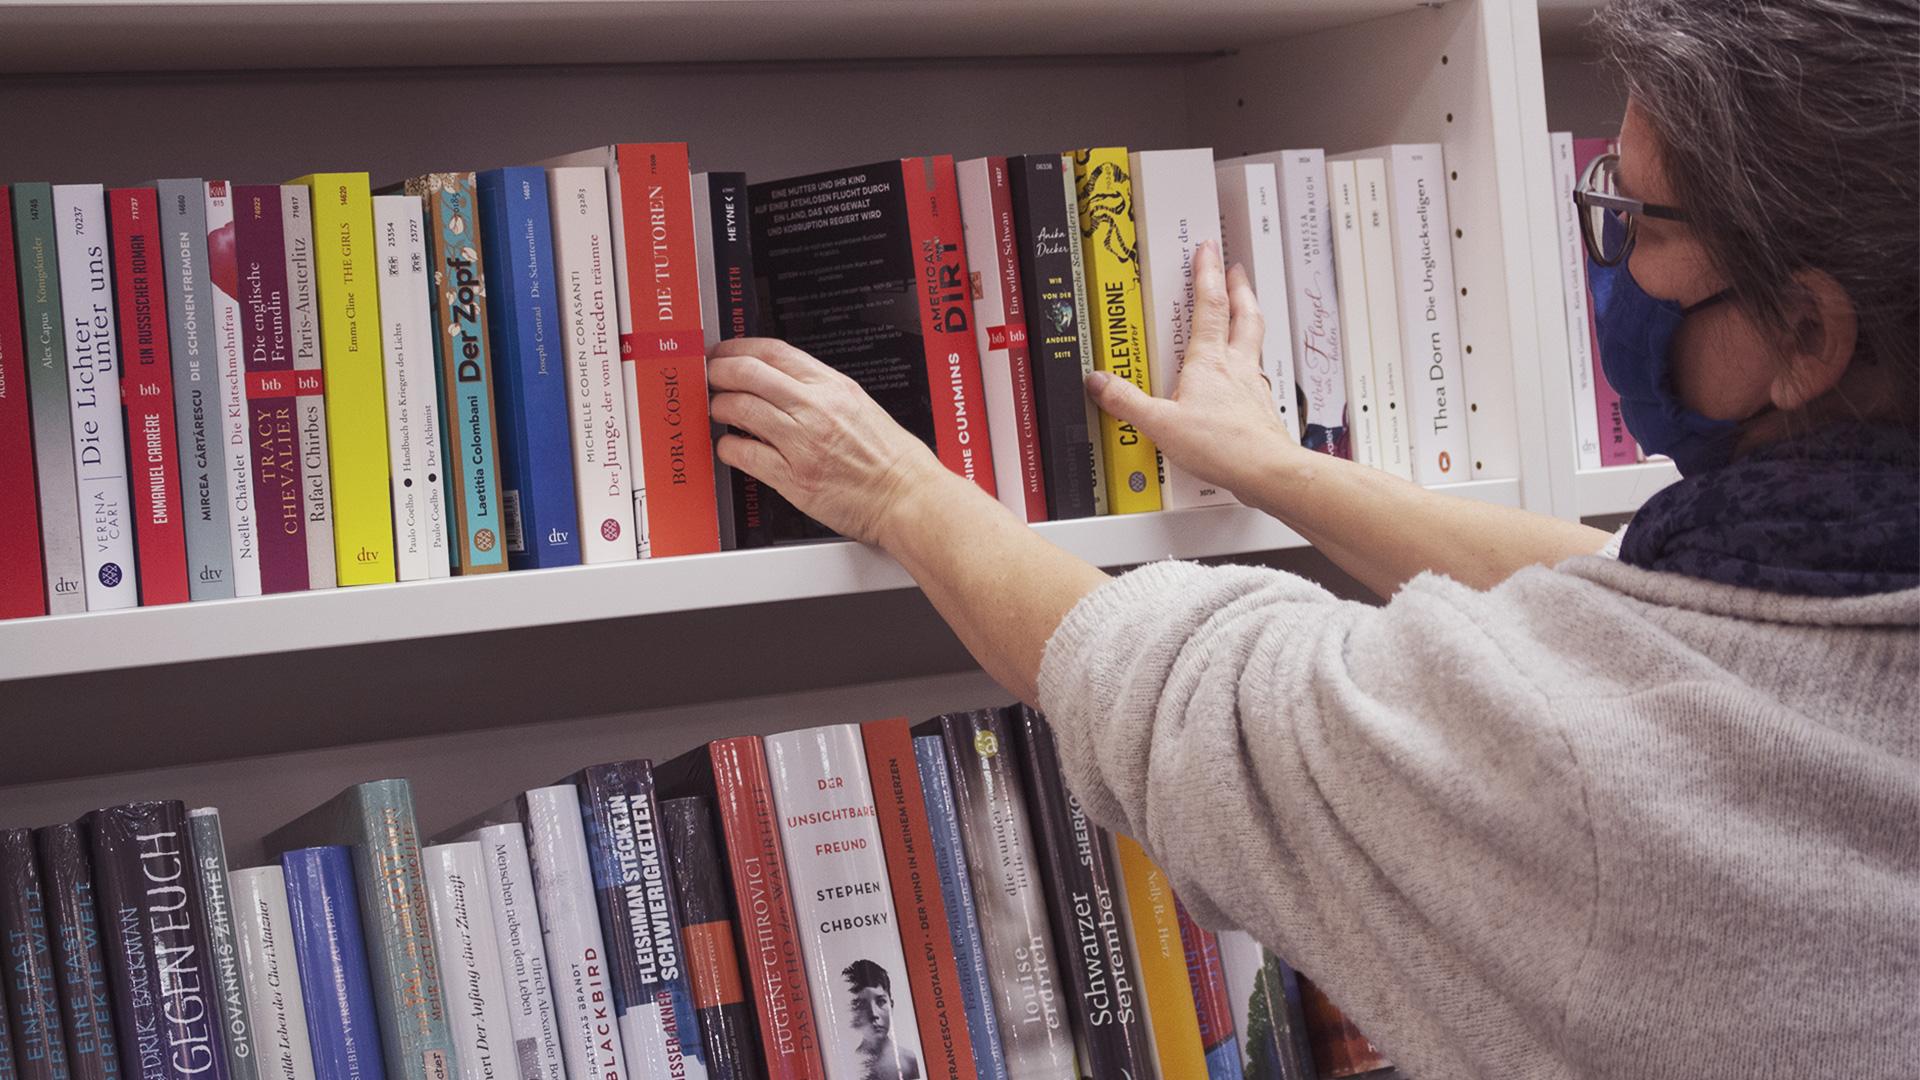 Man sieht die Arme einer Frau, die Bücher in einem Regal sortiert